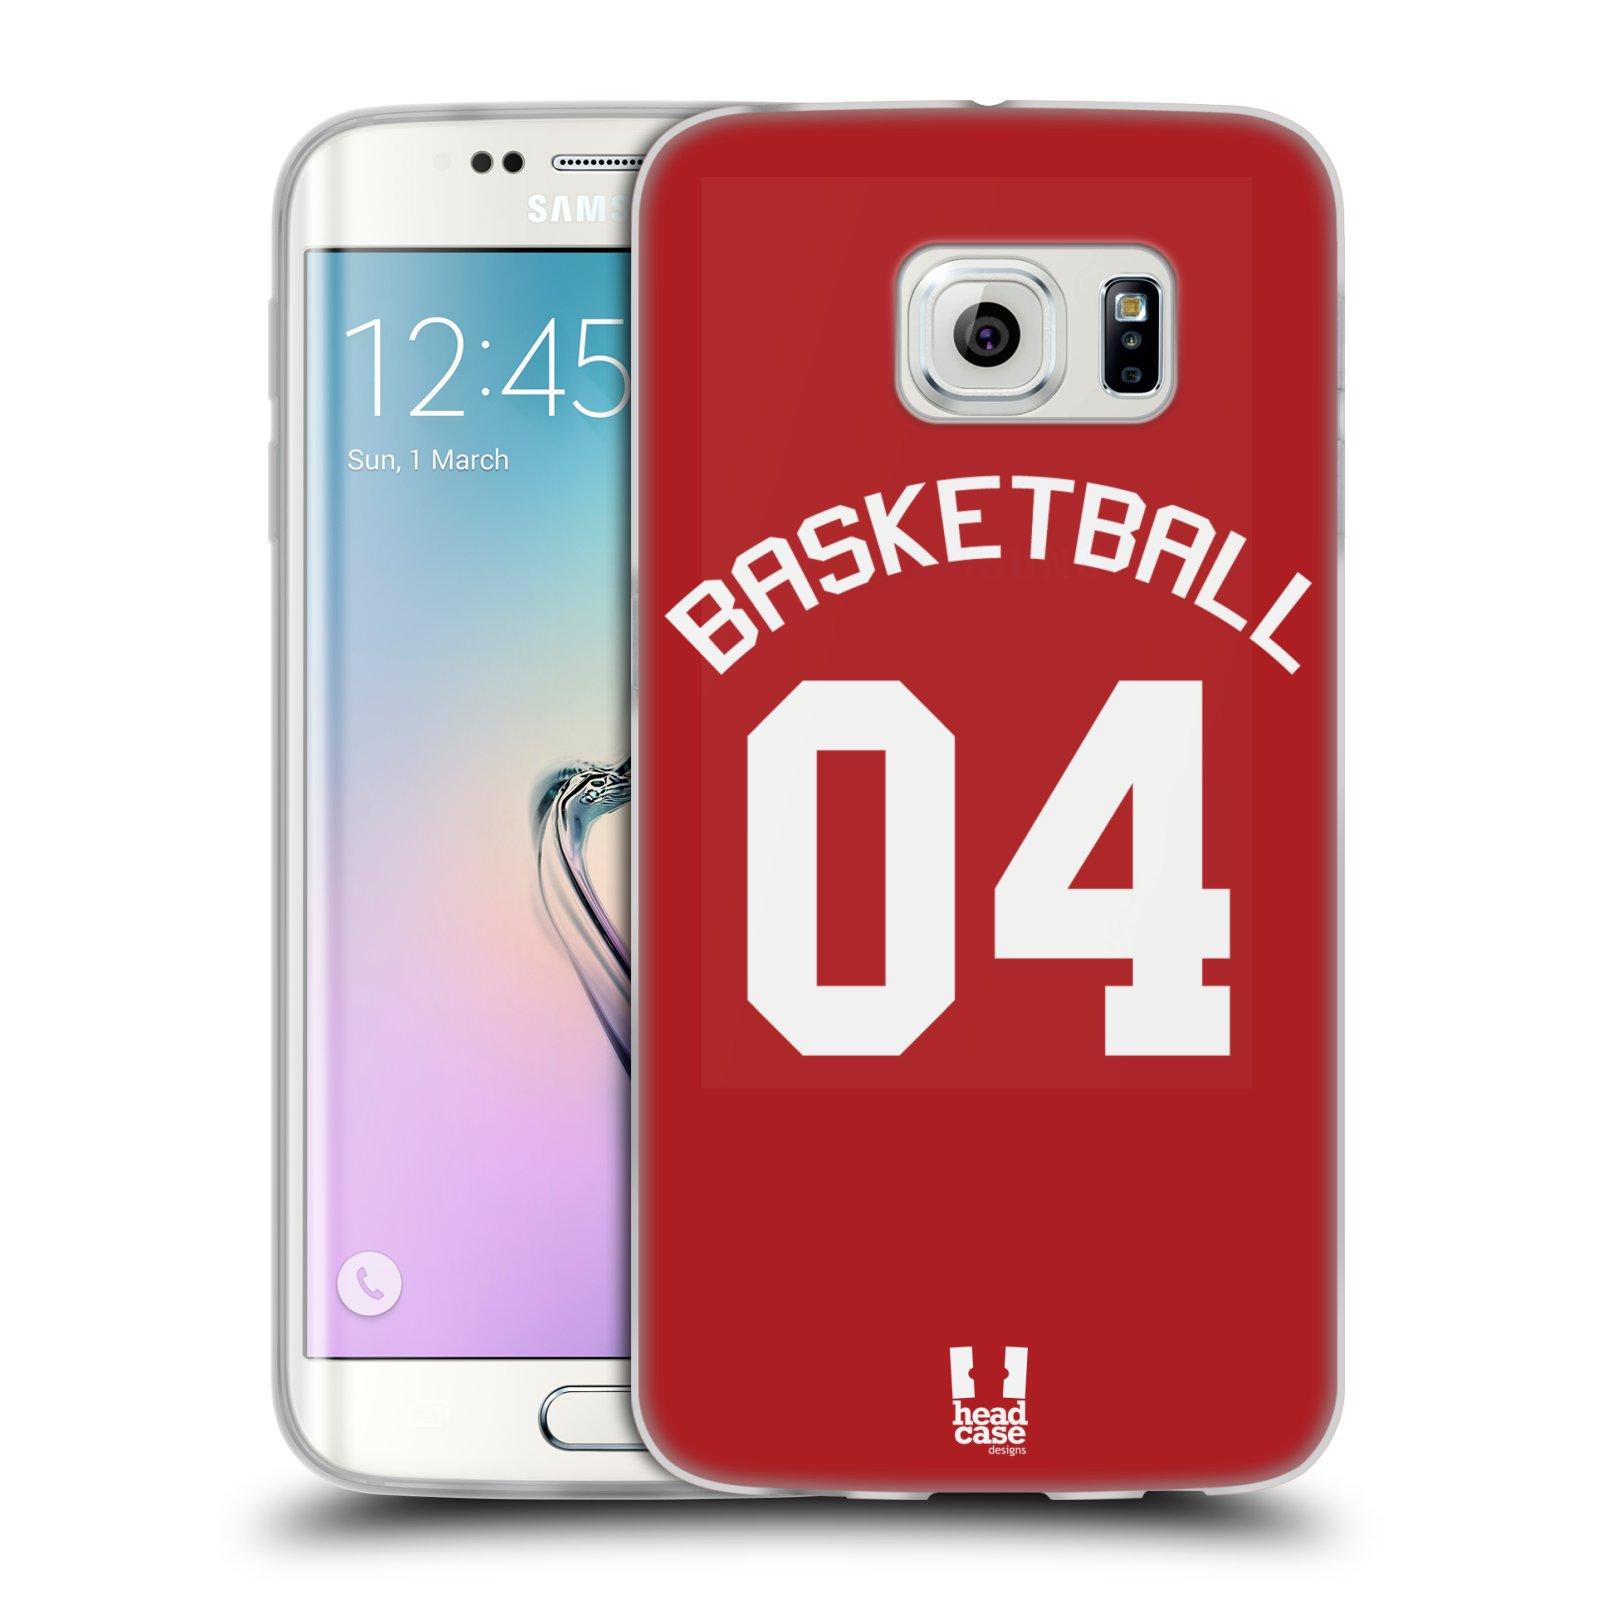 HEAD CASE silikonový obal na mobil Samsung Galaxy S6 EDGE Sportovní dres Basketbal červený